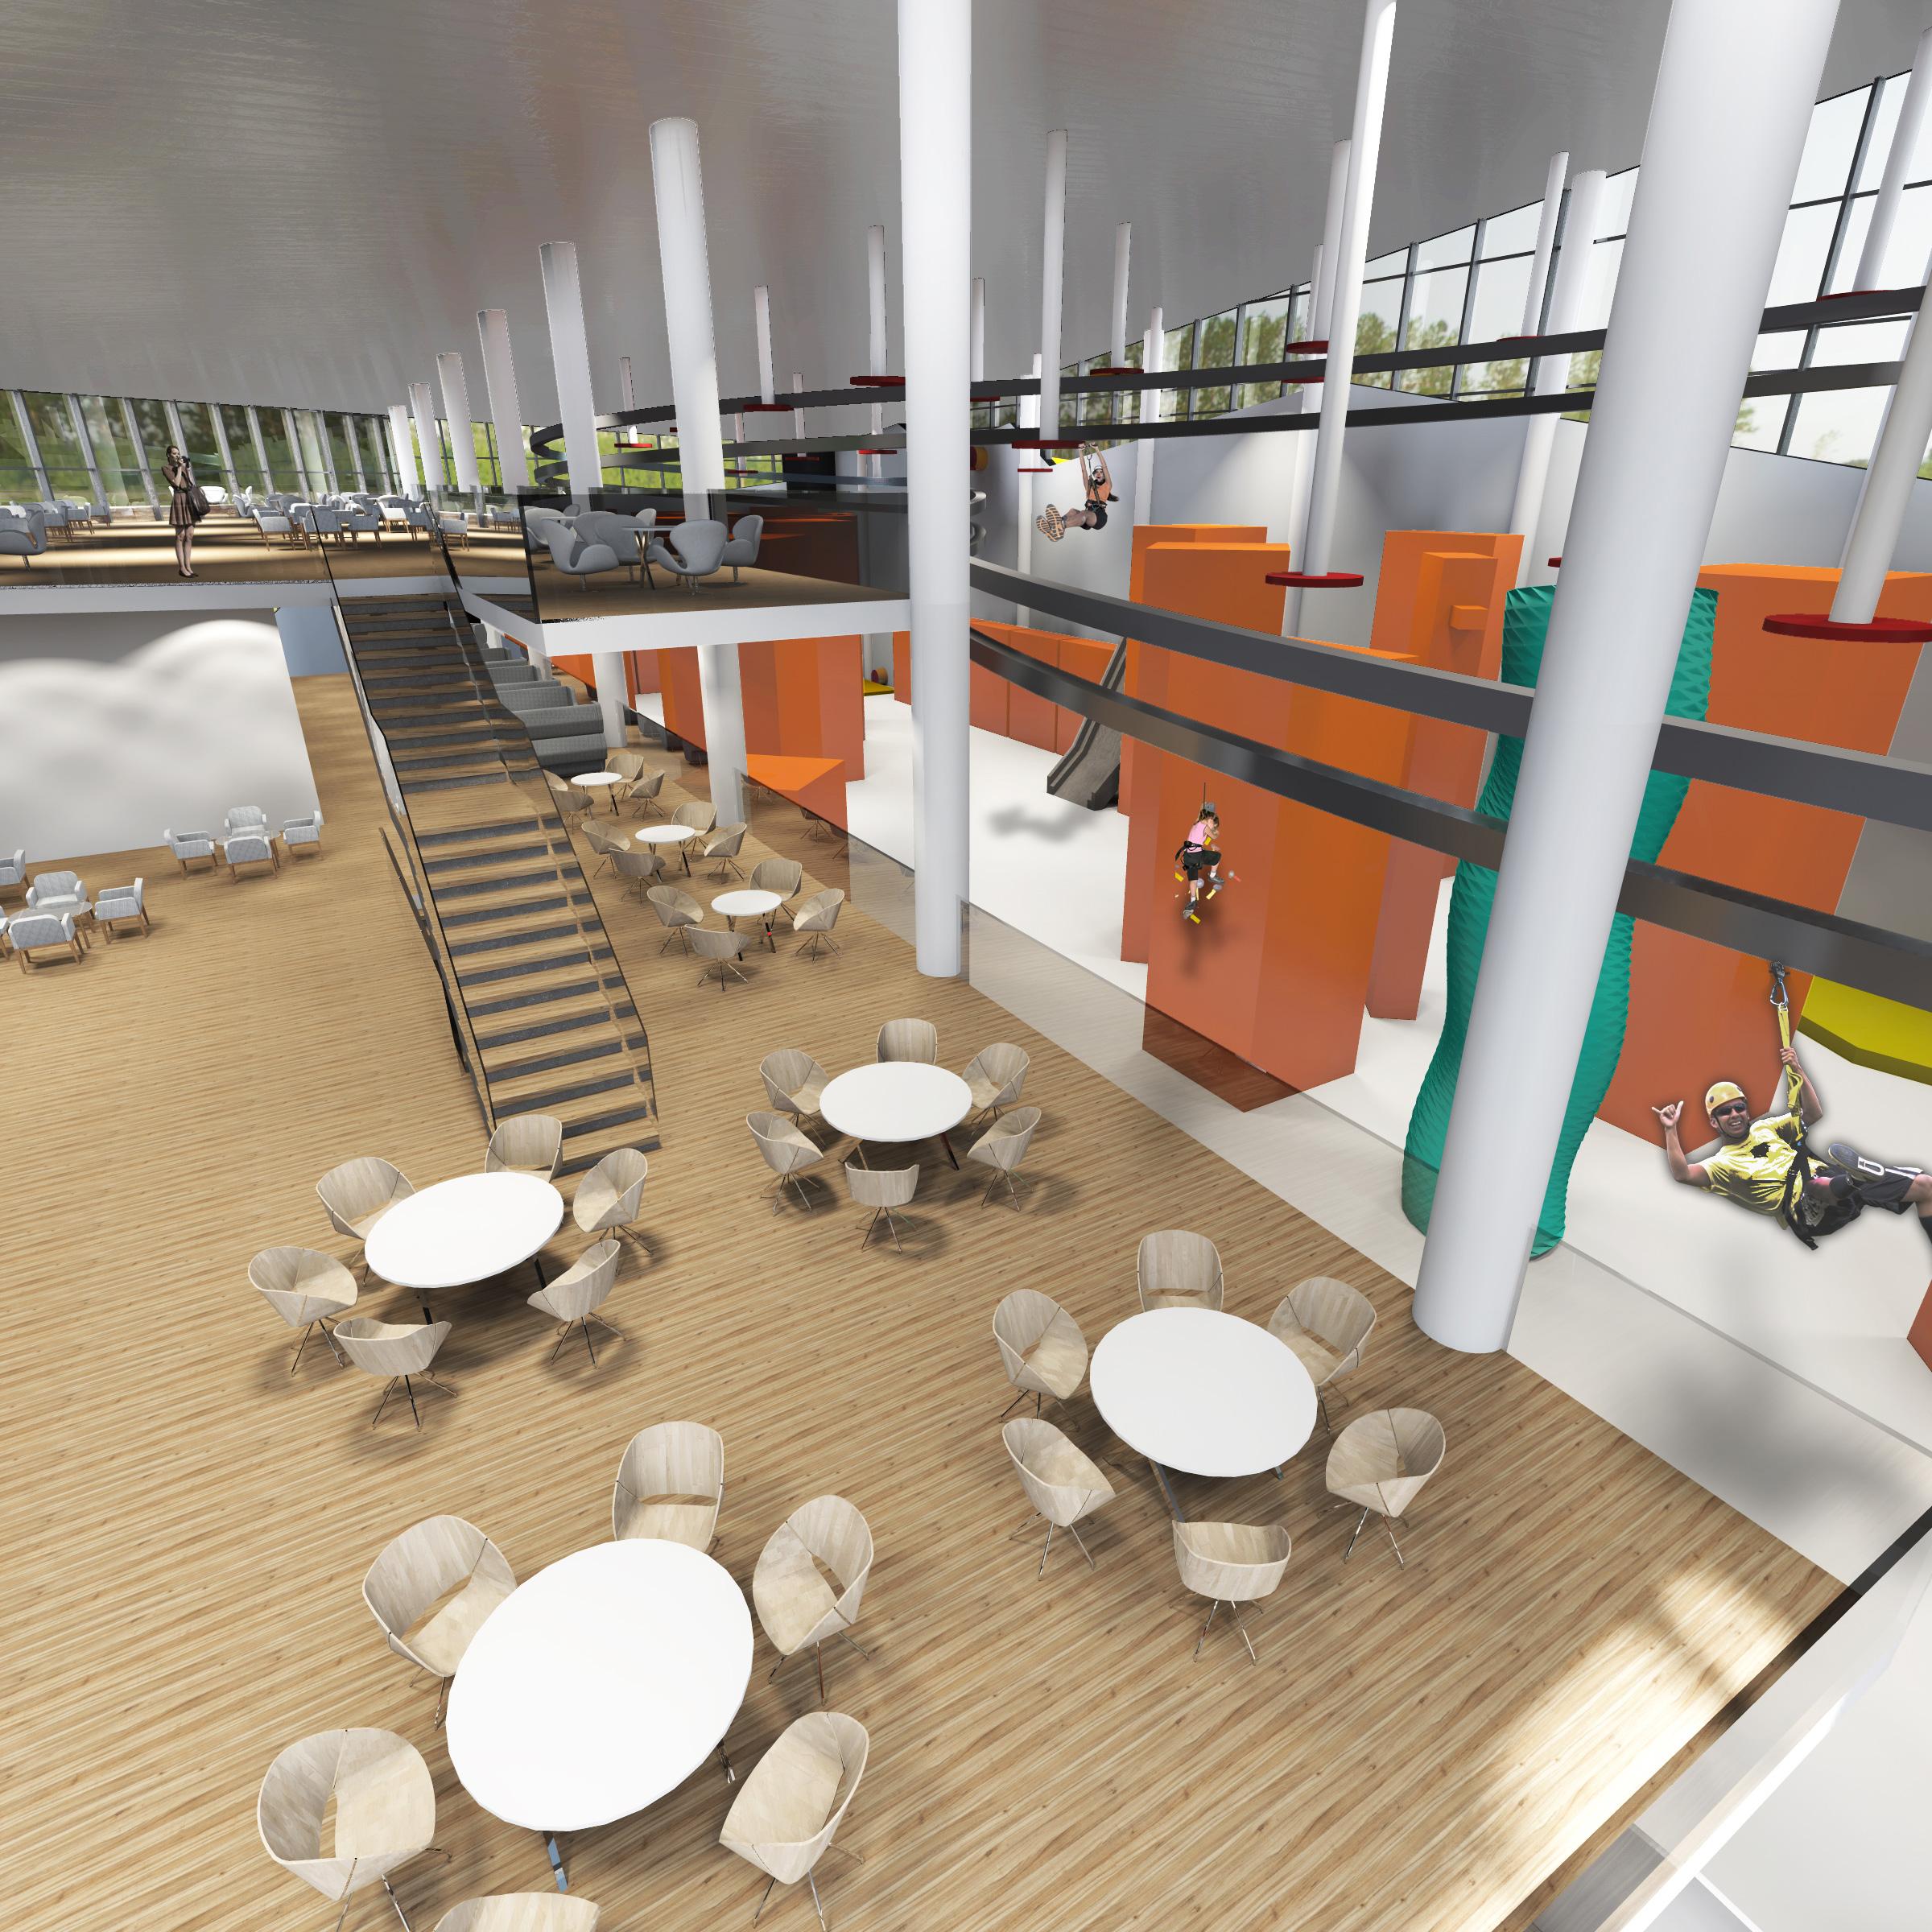 apogeum, centrum sportowe, wnetrze, architekt, projekt, scianka wspinaczkowa, kafeteria